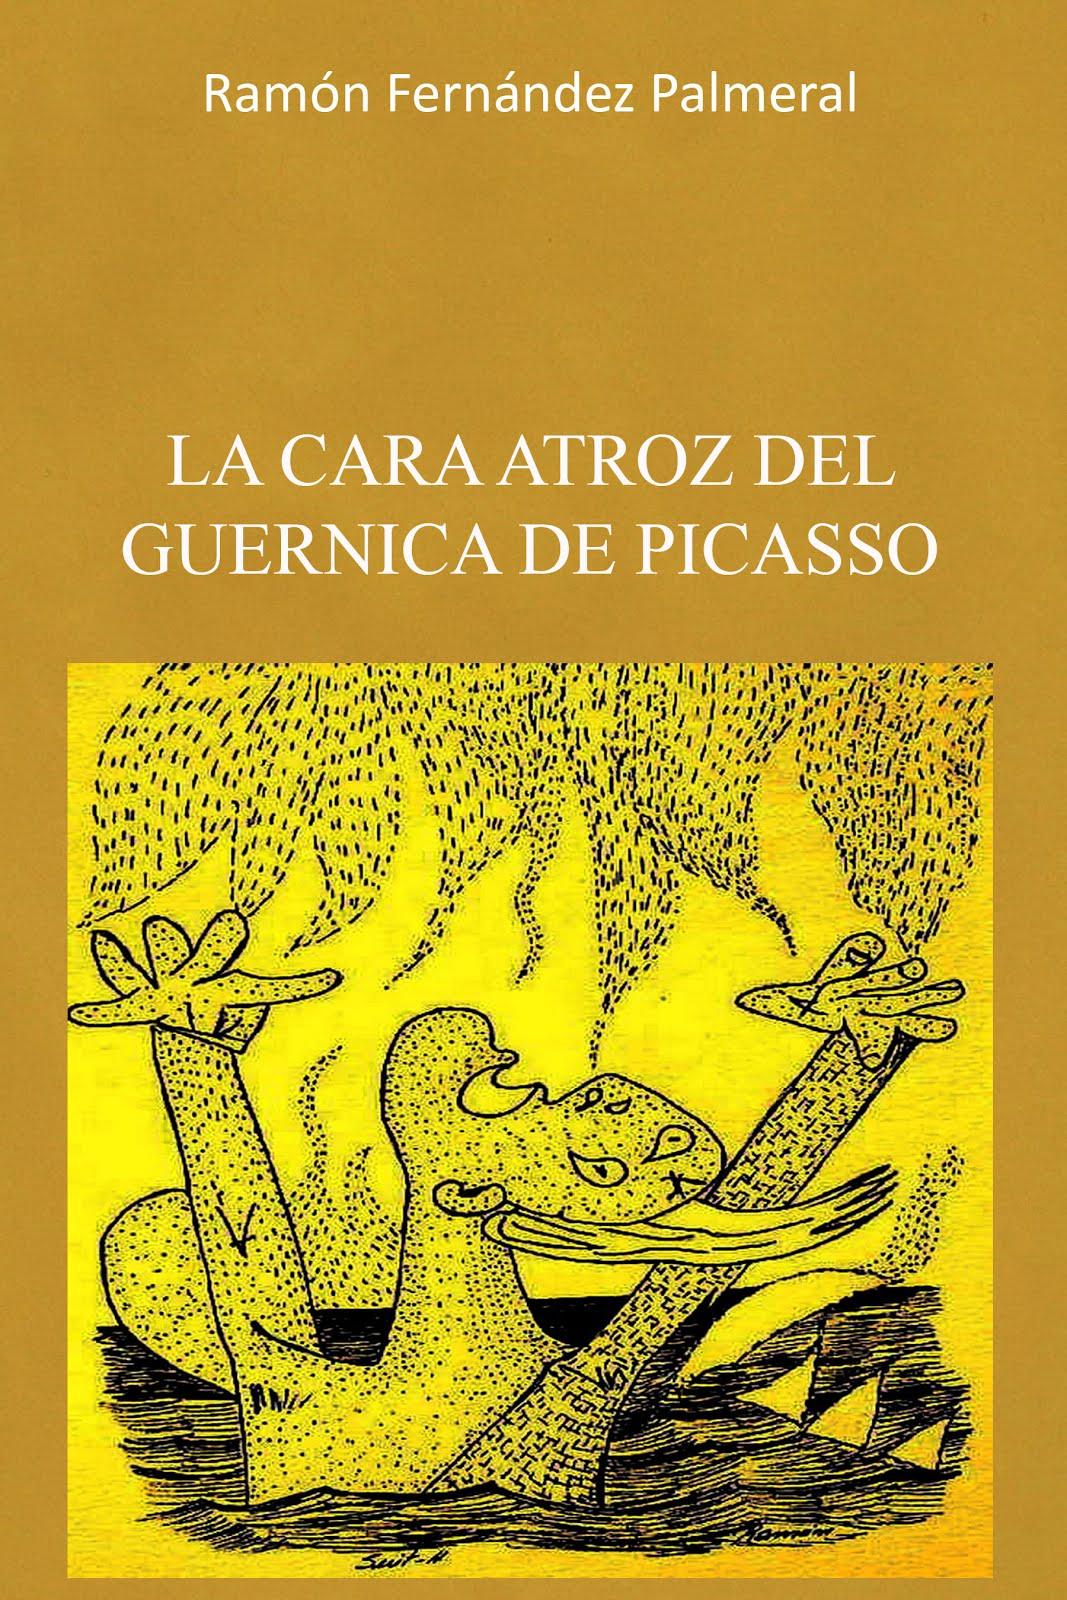 La cara atroz del Guernica de Picasso